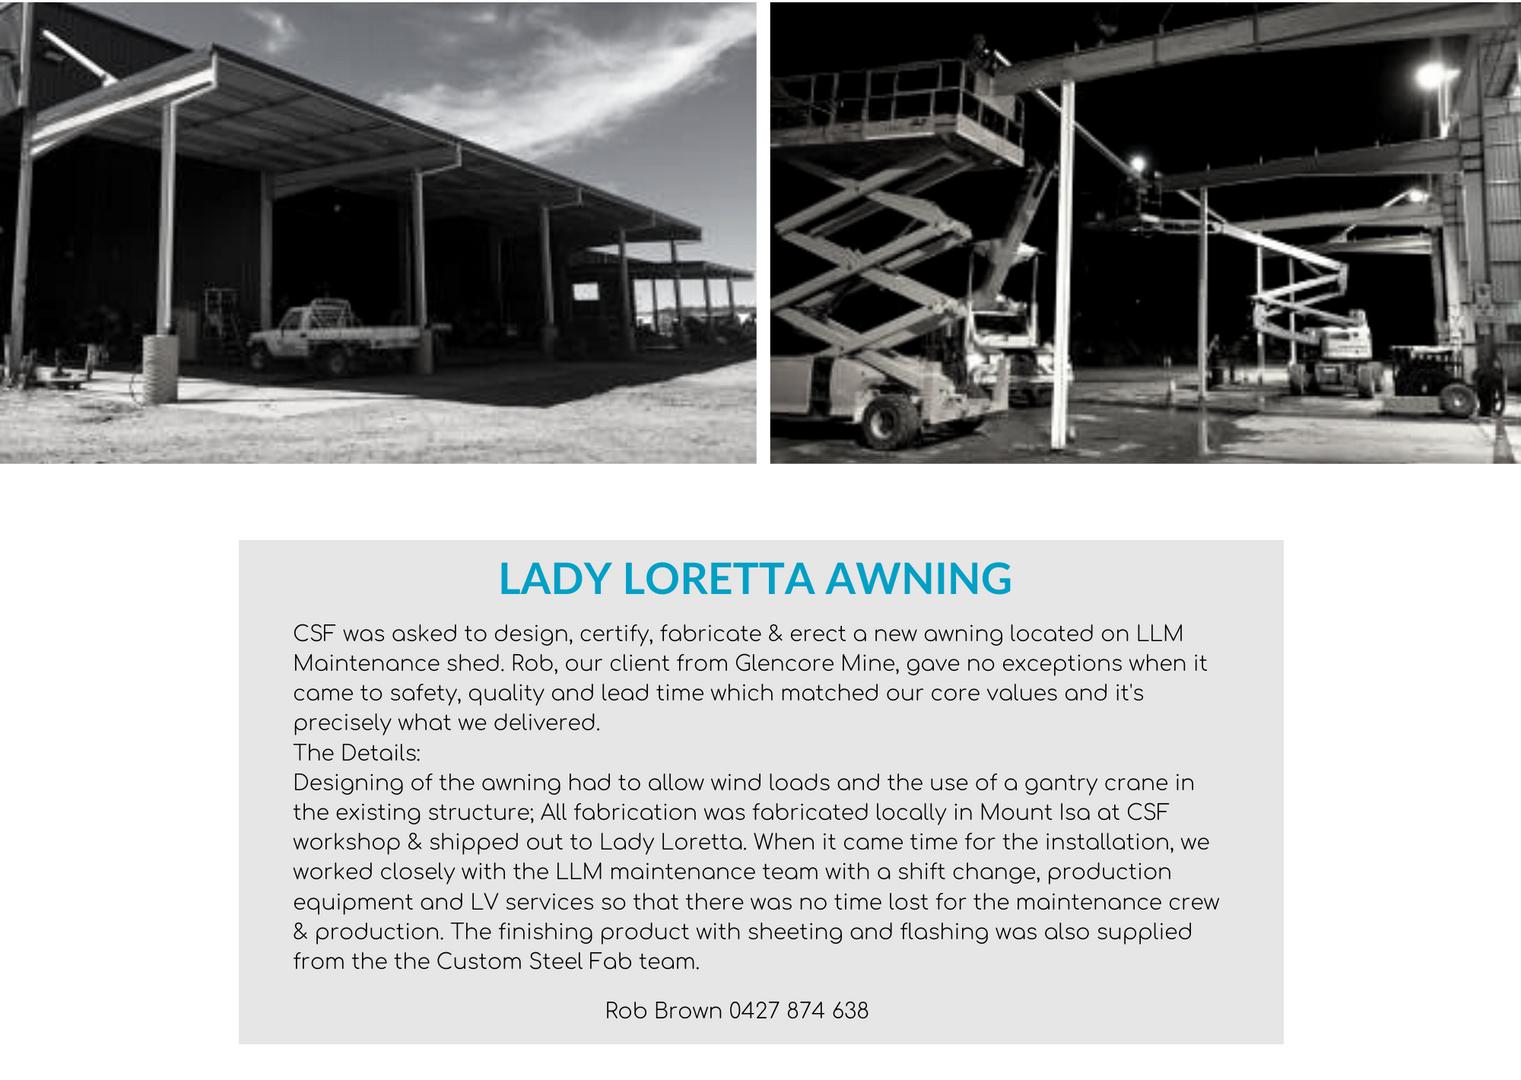 Lady Loretta Awning